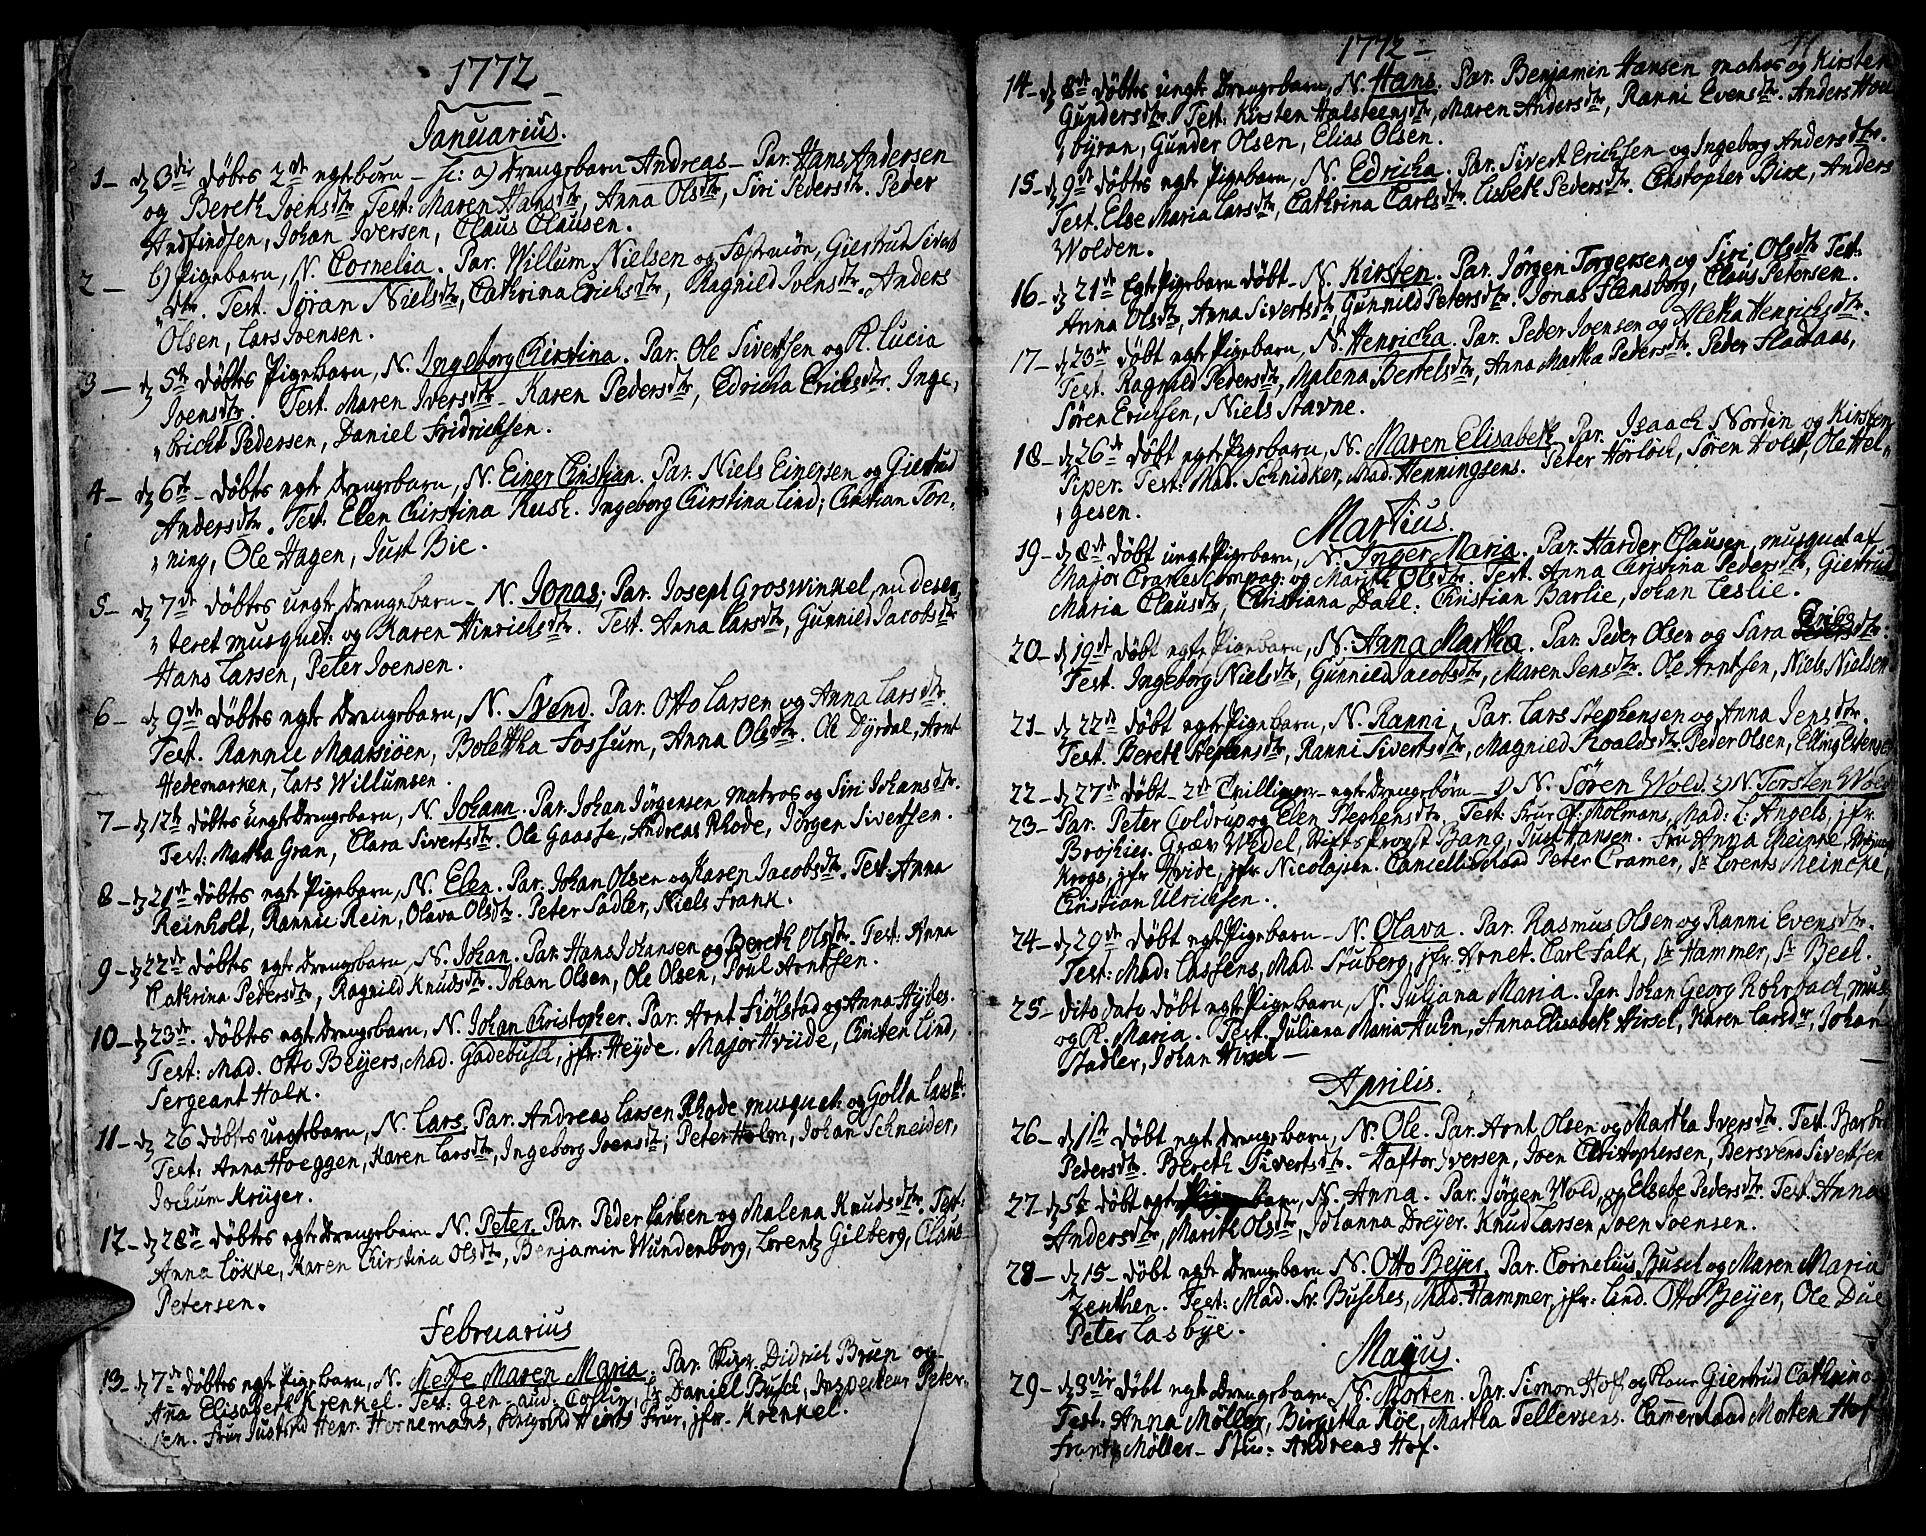 SAT, Ministerialprotokoller, klokkerbøker og fødselsregistre - Sør-Trøndelag, 601/L0039: Ministerialbok nr. 601A07, 1770-1819, s. 11